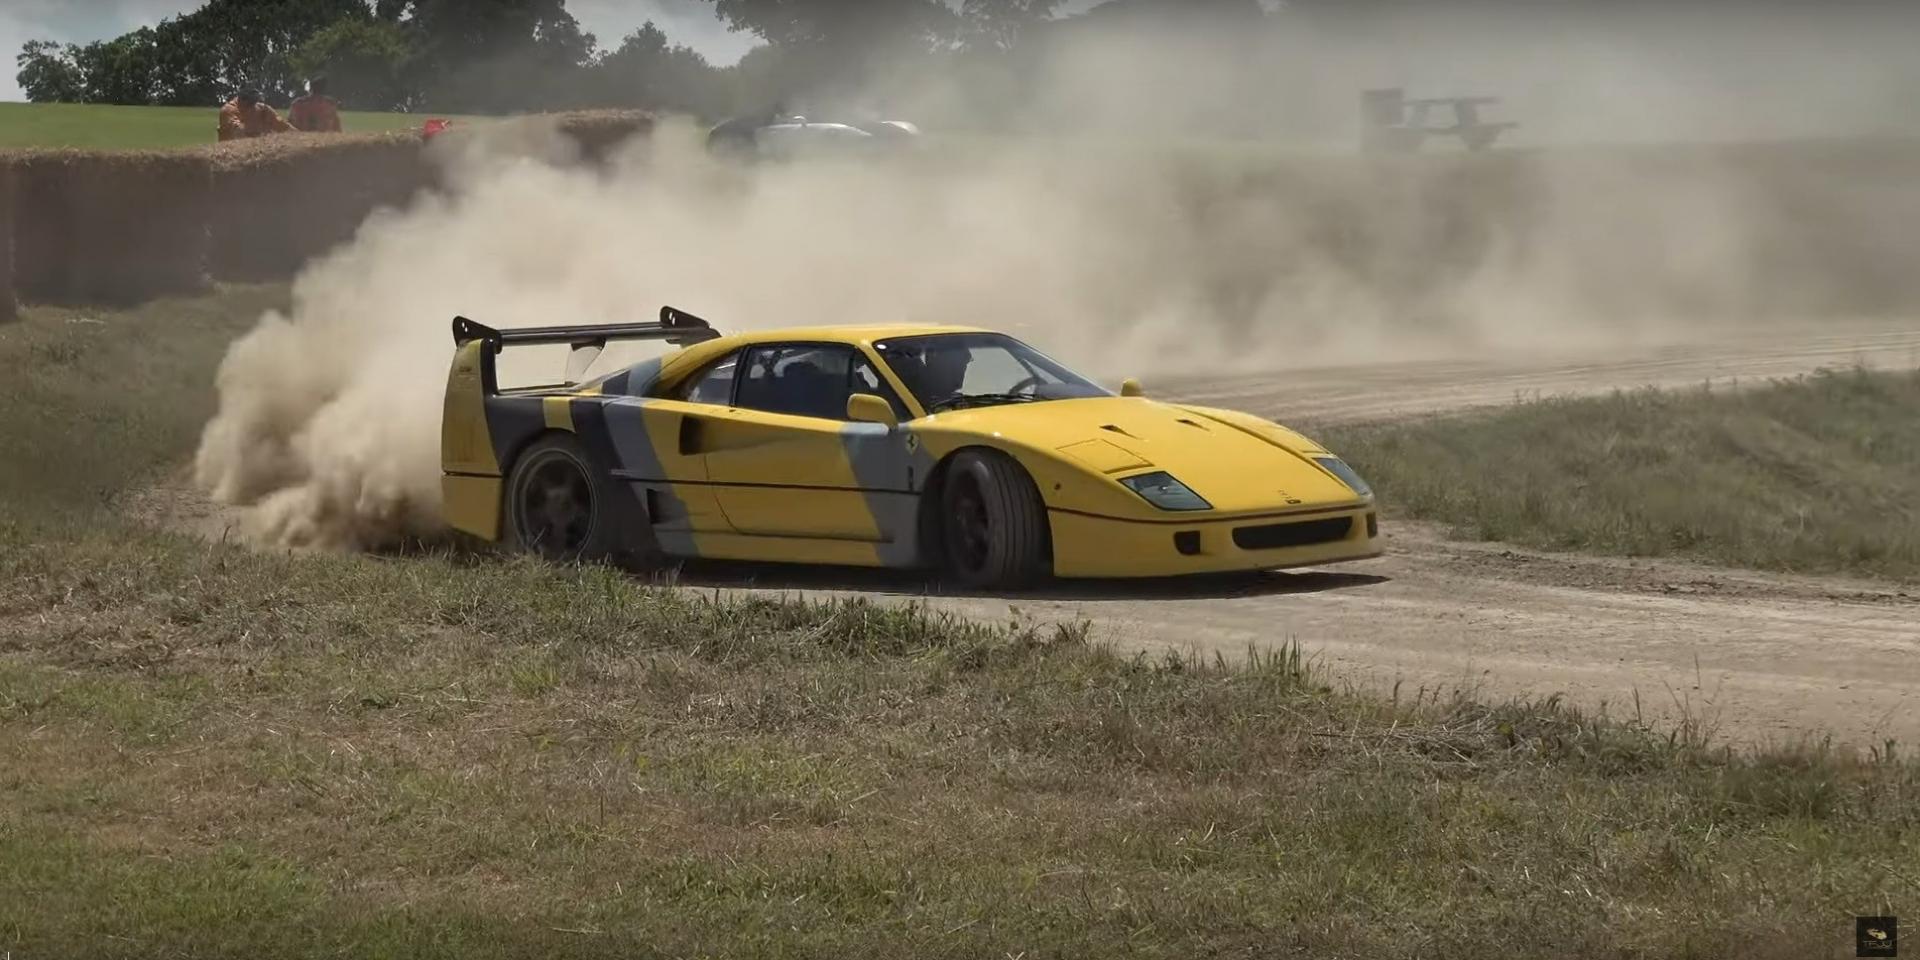 車就是要拿來開的!150萬美金的Ferrari F40拿來越野也只是剛好!